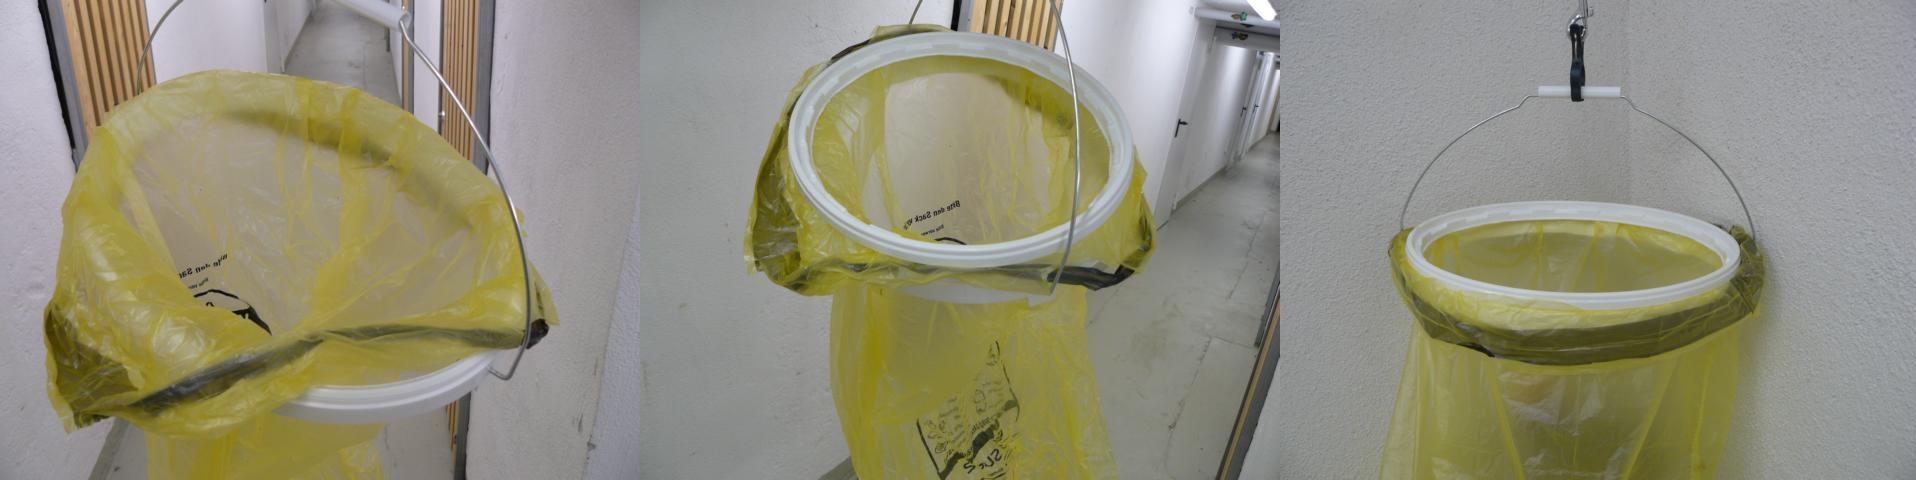 Müllbeutelhalter zum Selberbauen